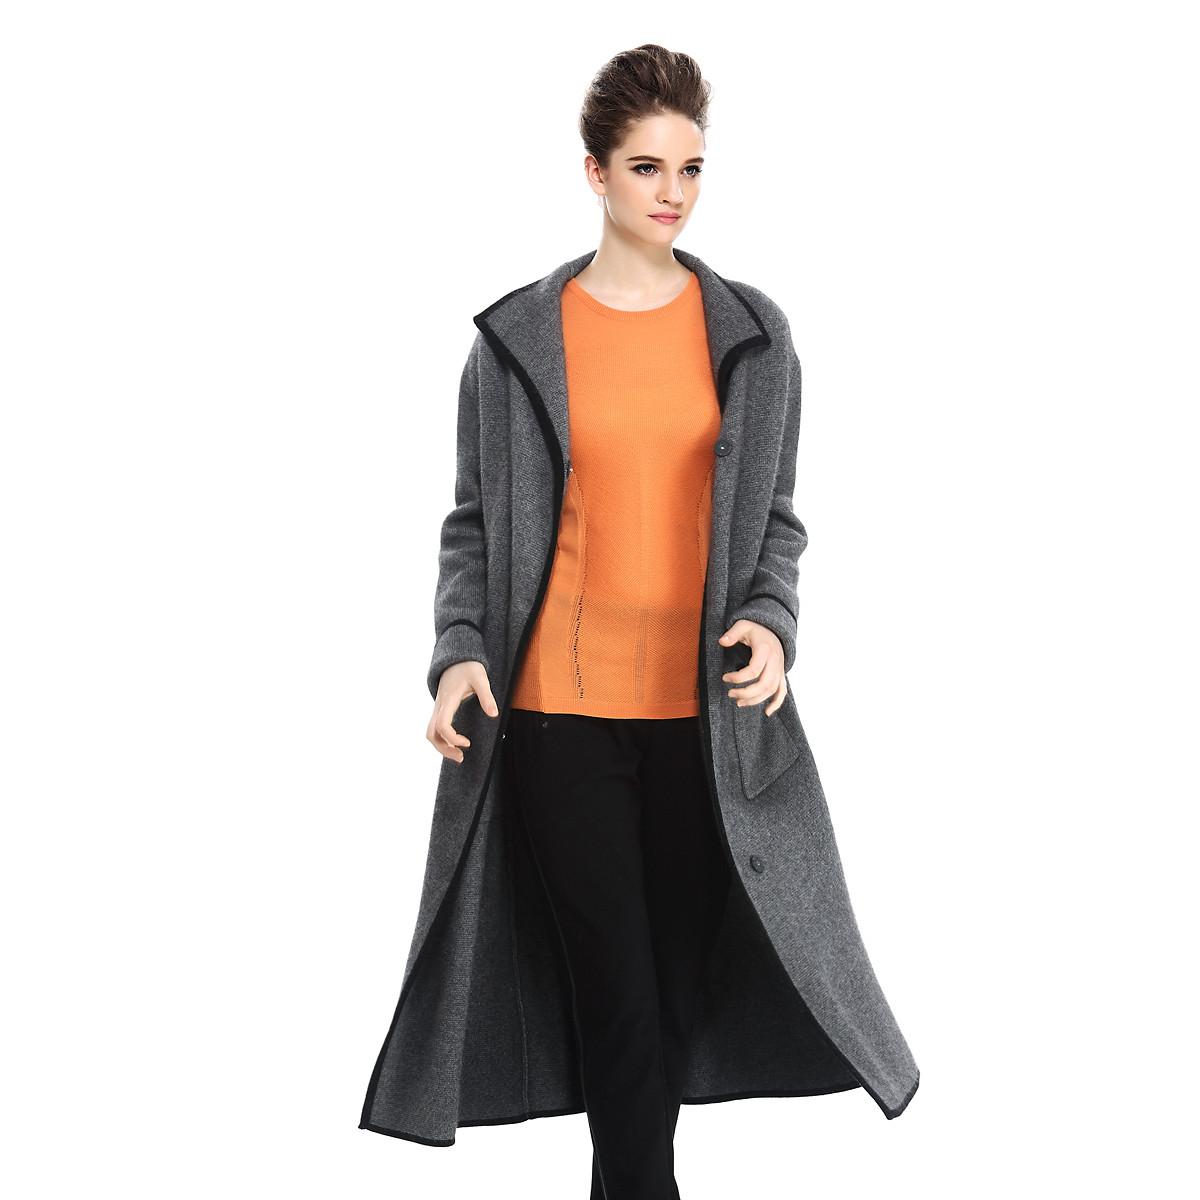 裘堤婼JETEZO秋冬季时尚保暖百搭气质长款针织外套女51715D83